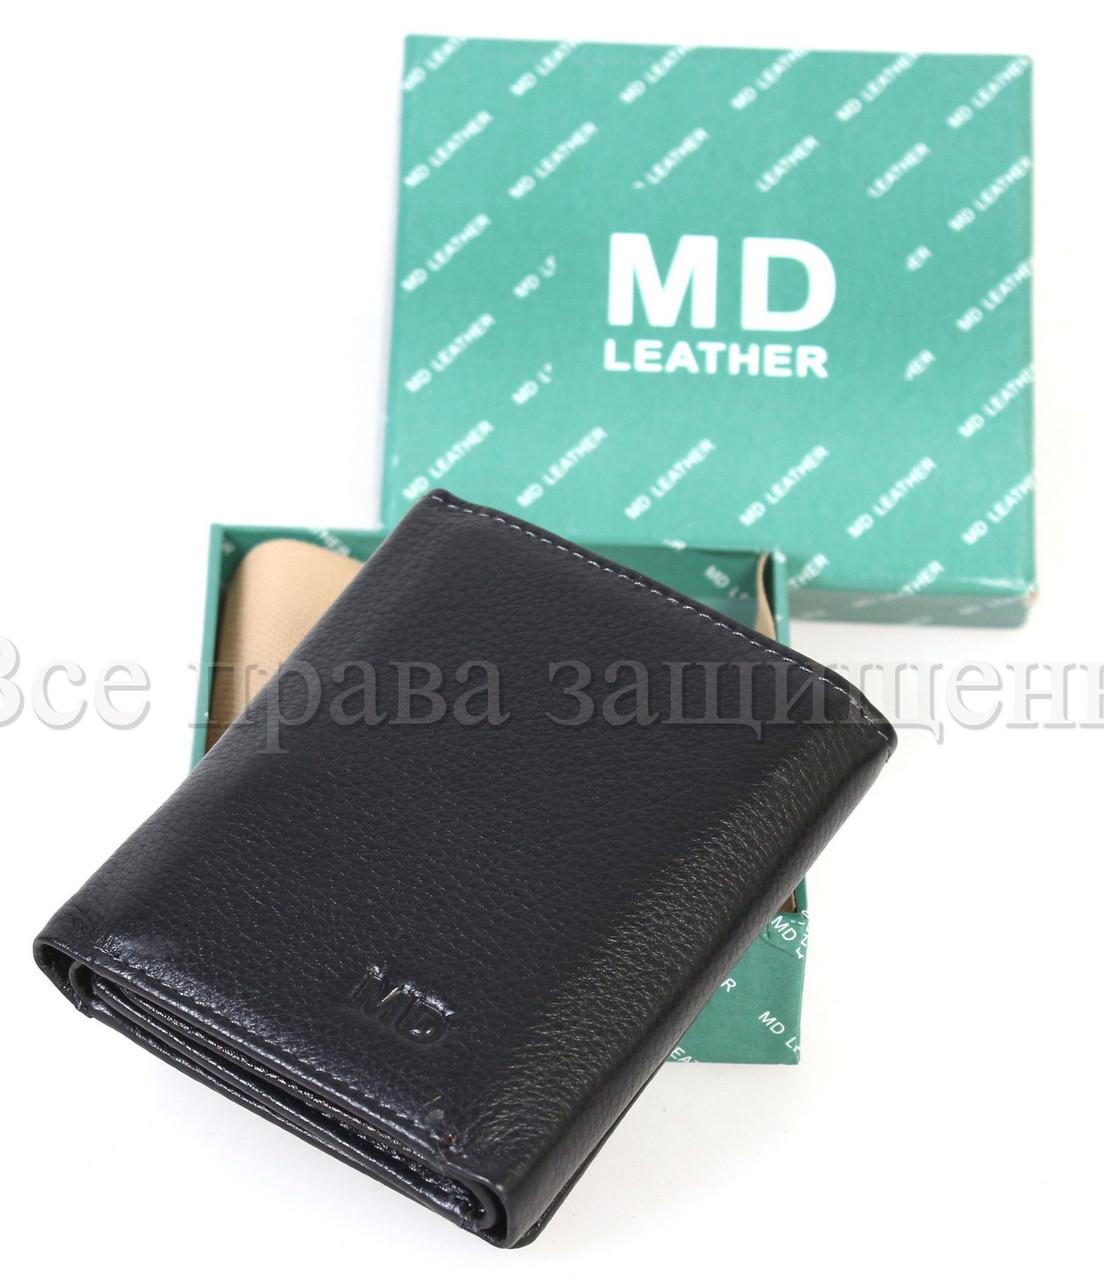 Мужской кожаный кошелек черный MD-leather MD-618-A-BLACK